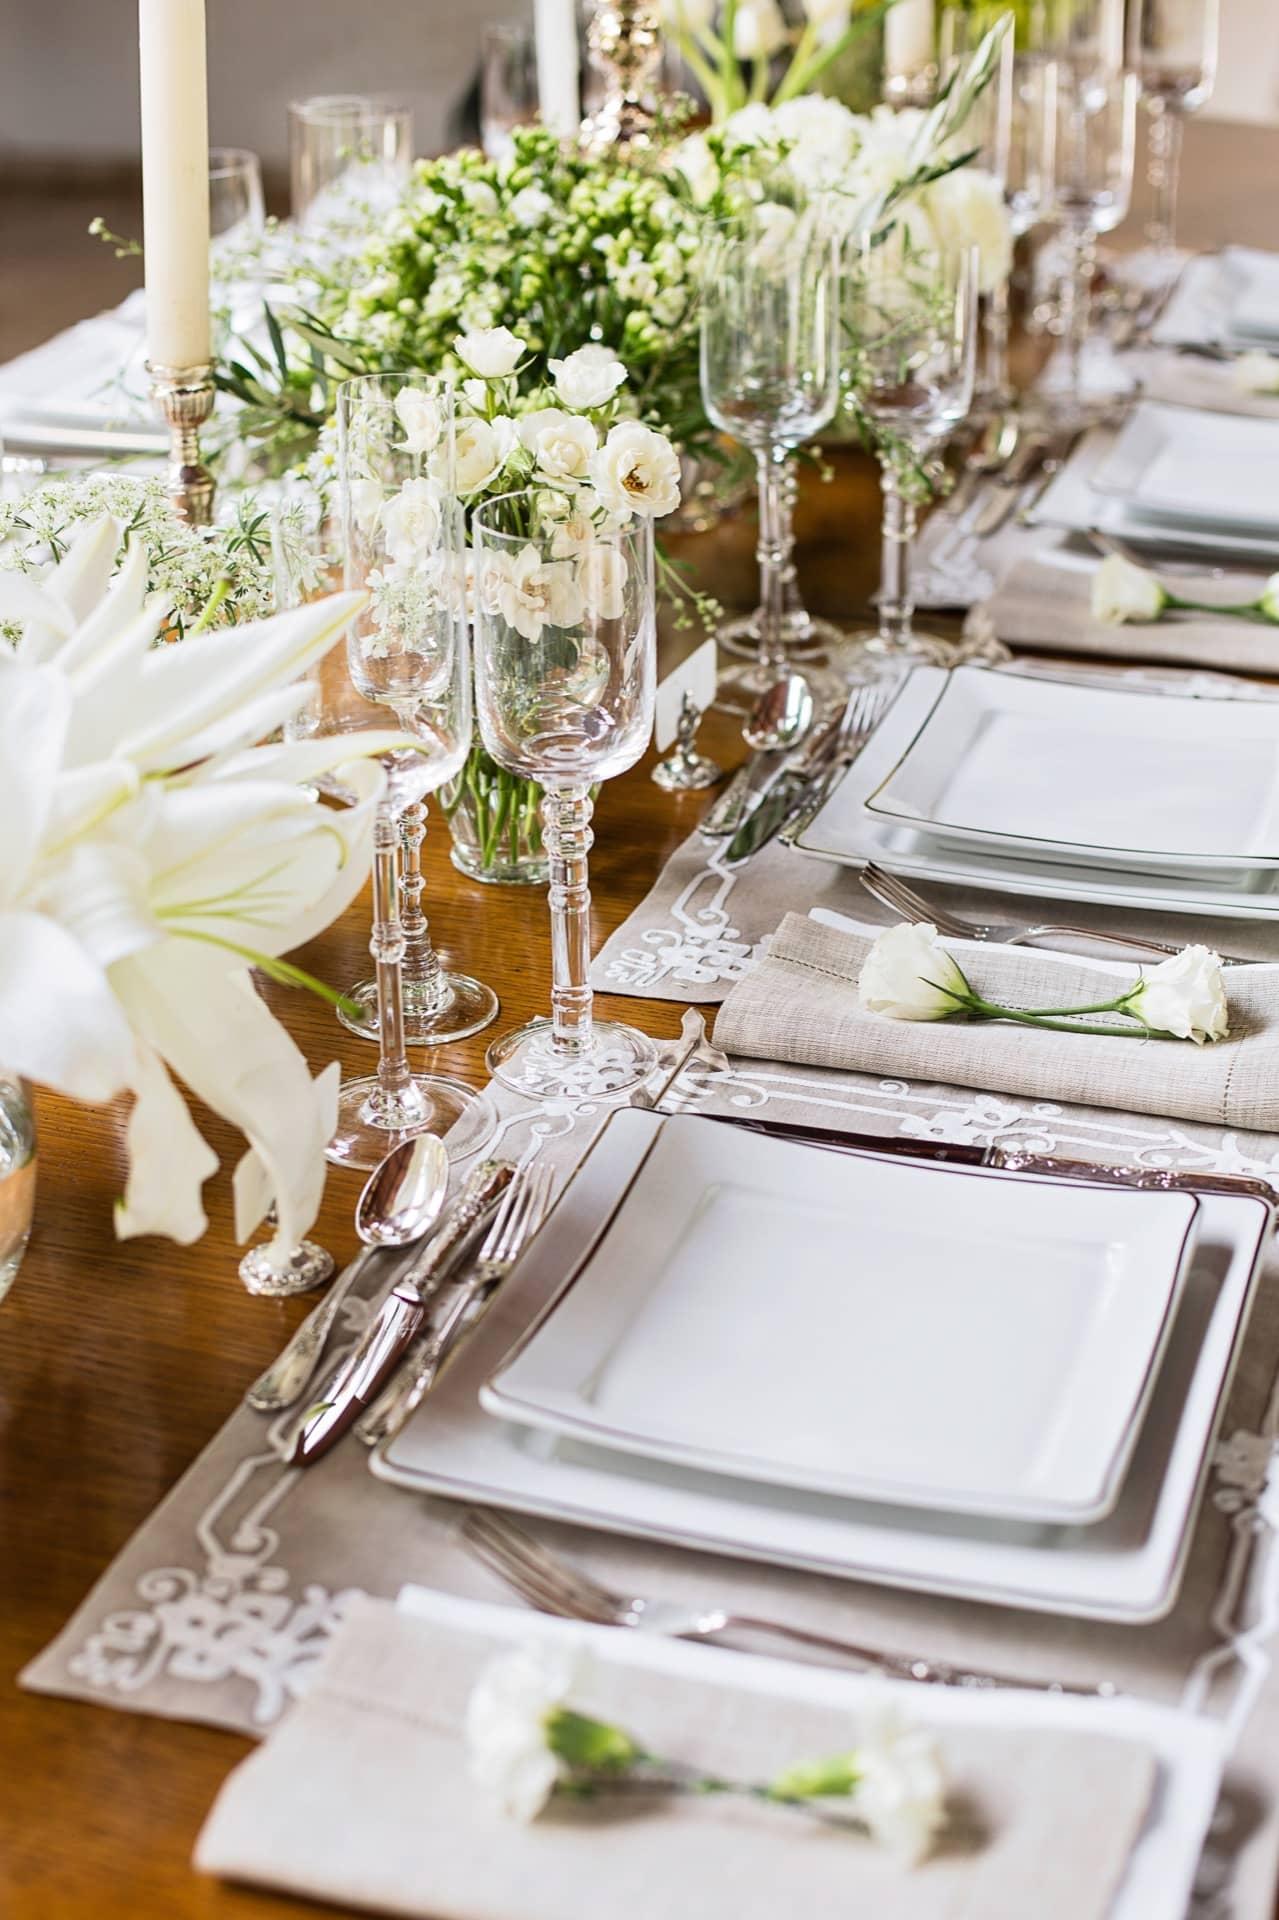 Imagem: Com pratos quadrados, enfeitados com filete dourado, a mesa do jantar formal ganha sofisticação e modernidade. Foto: Elisa Correa.